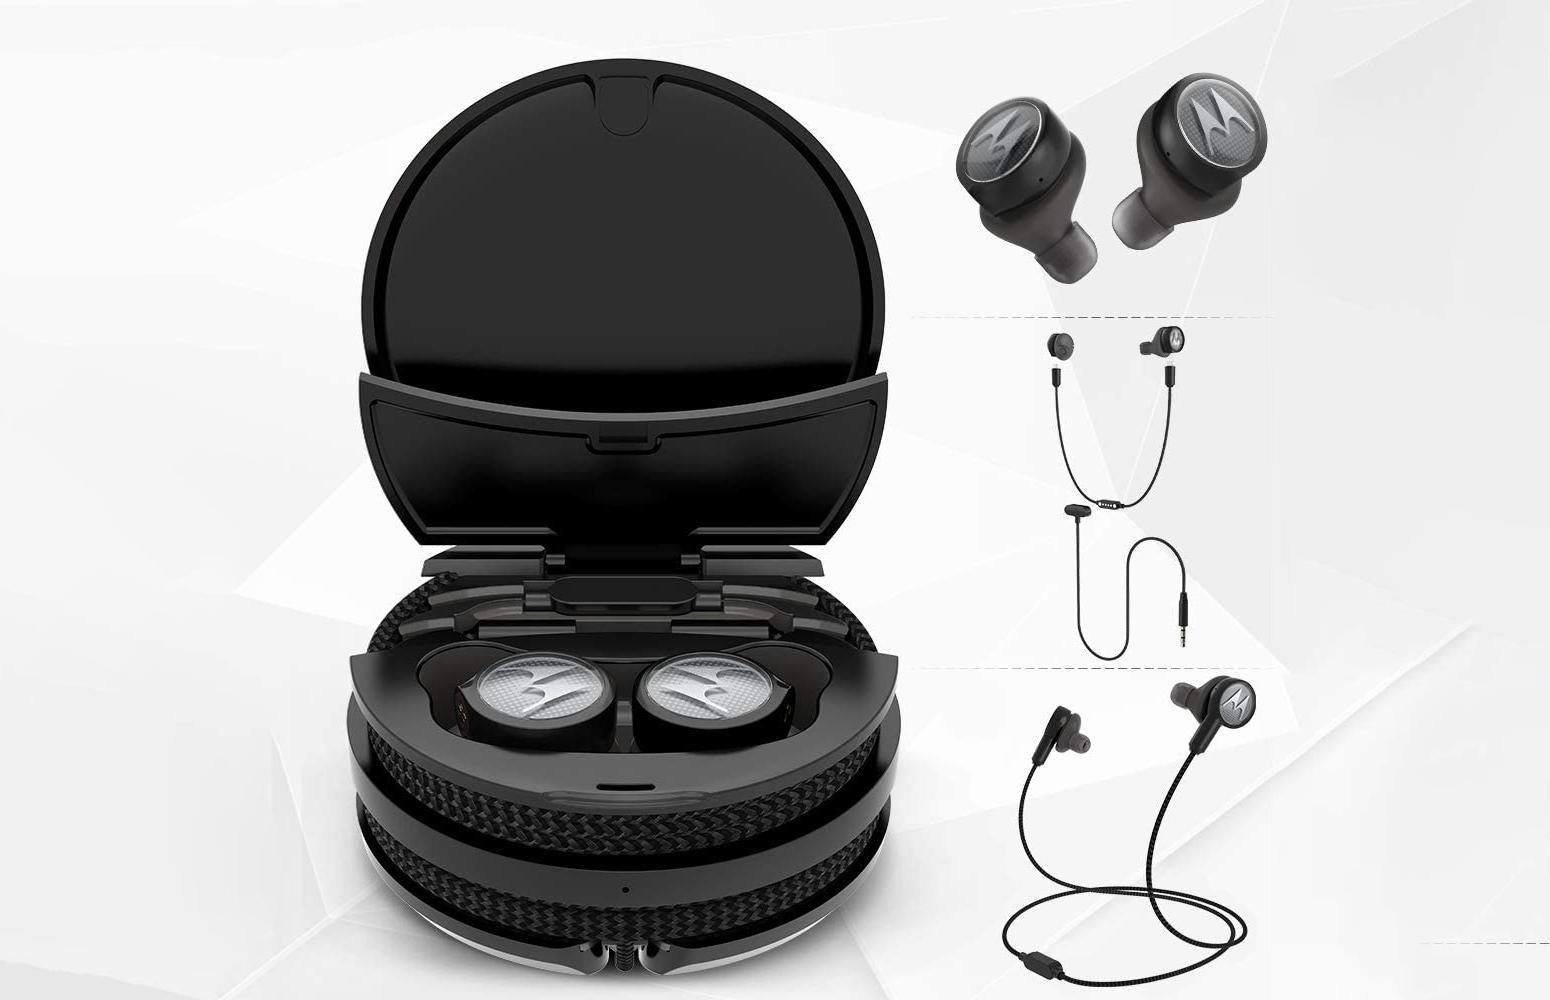 Tech3 3-in-1 Smart True Wireless Headphones